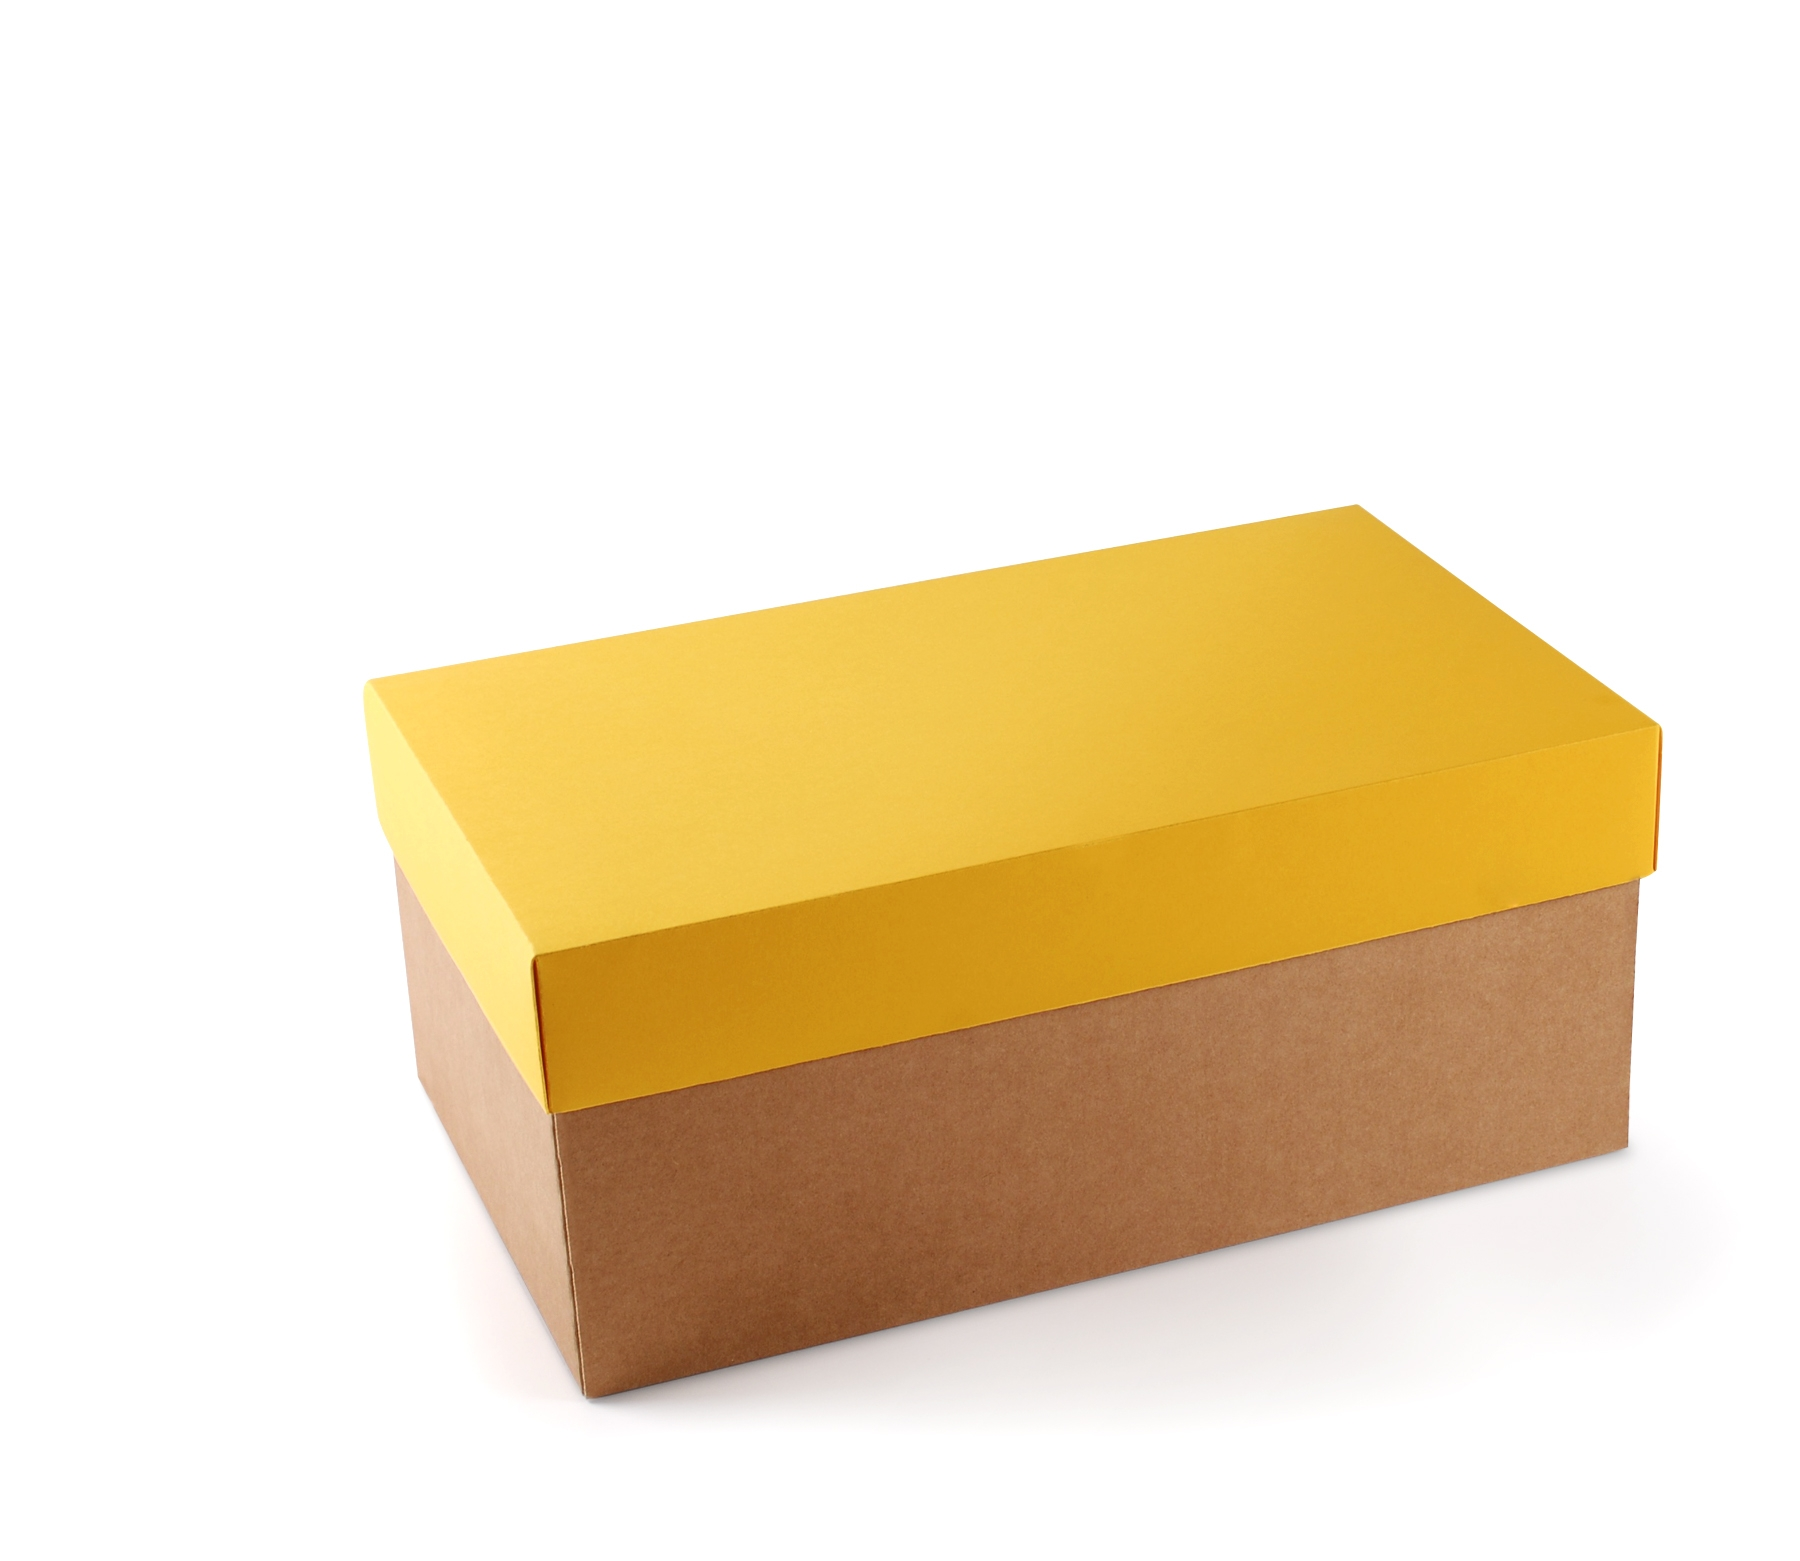 dimensione scatola scarpe adidas